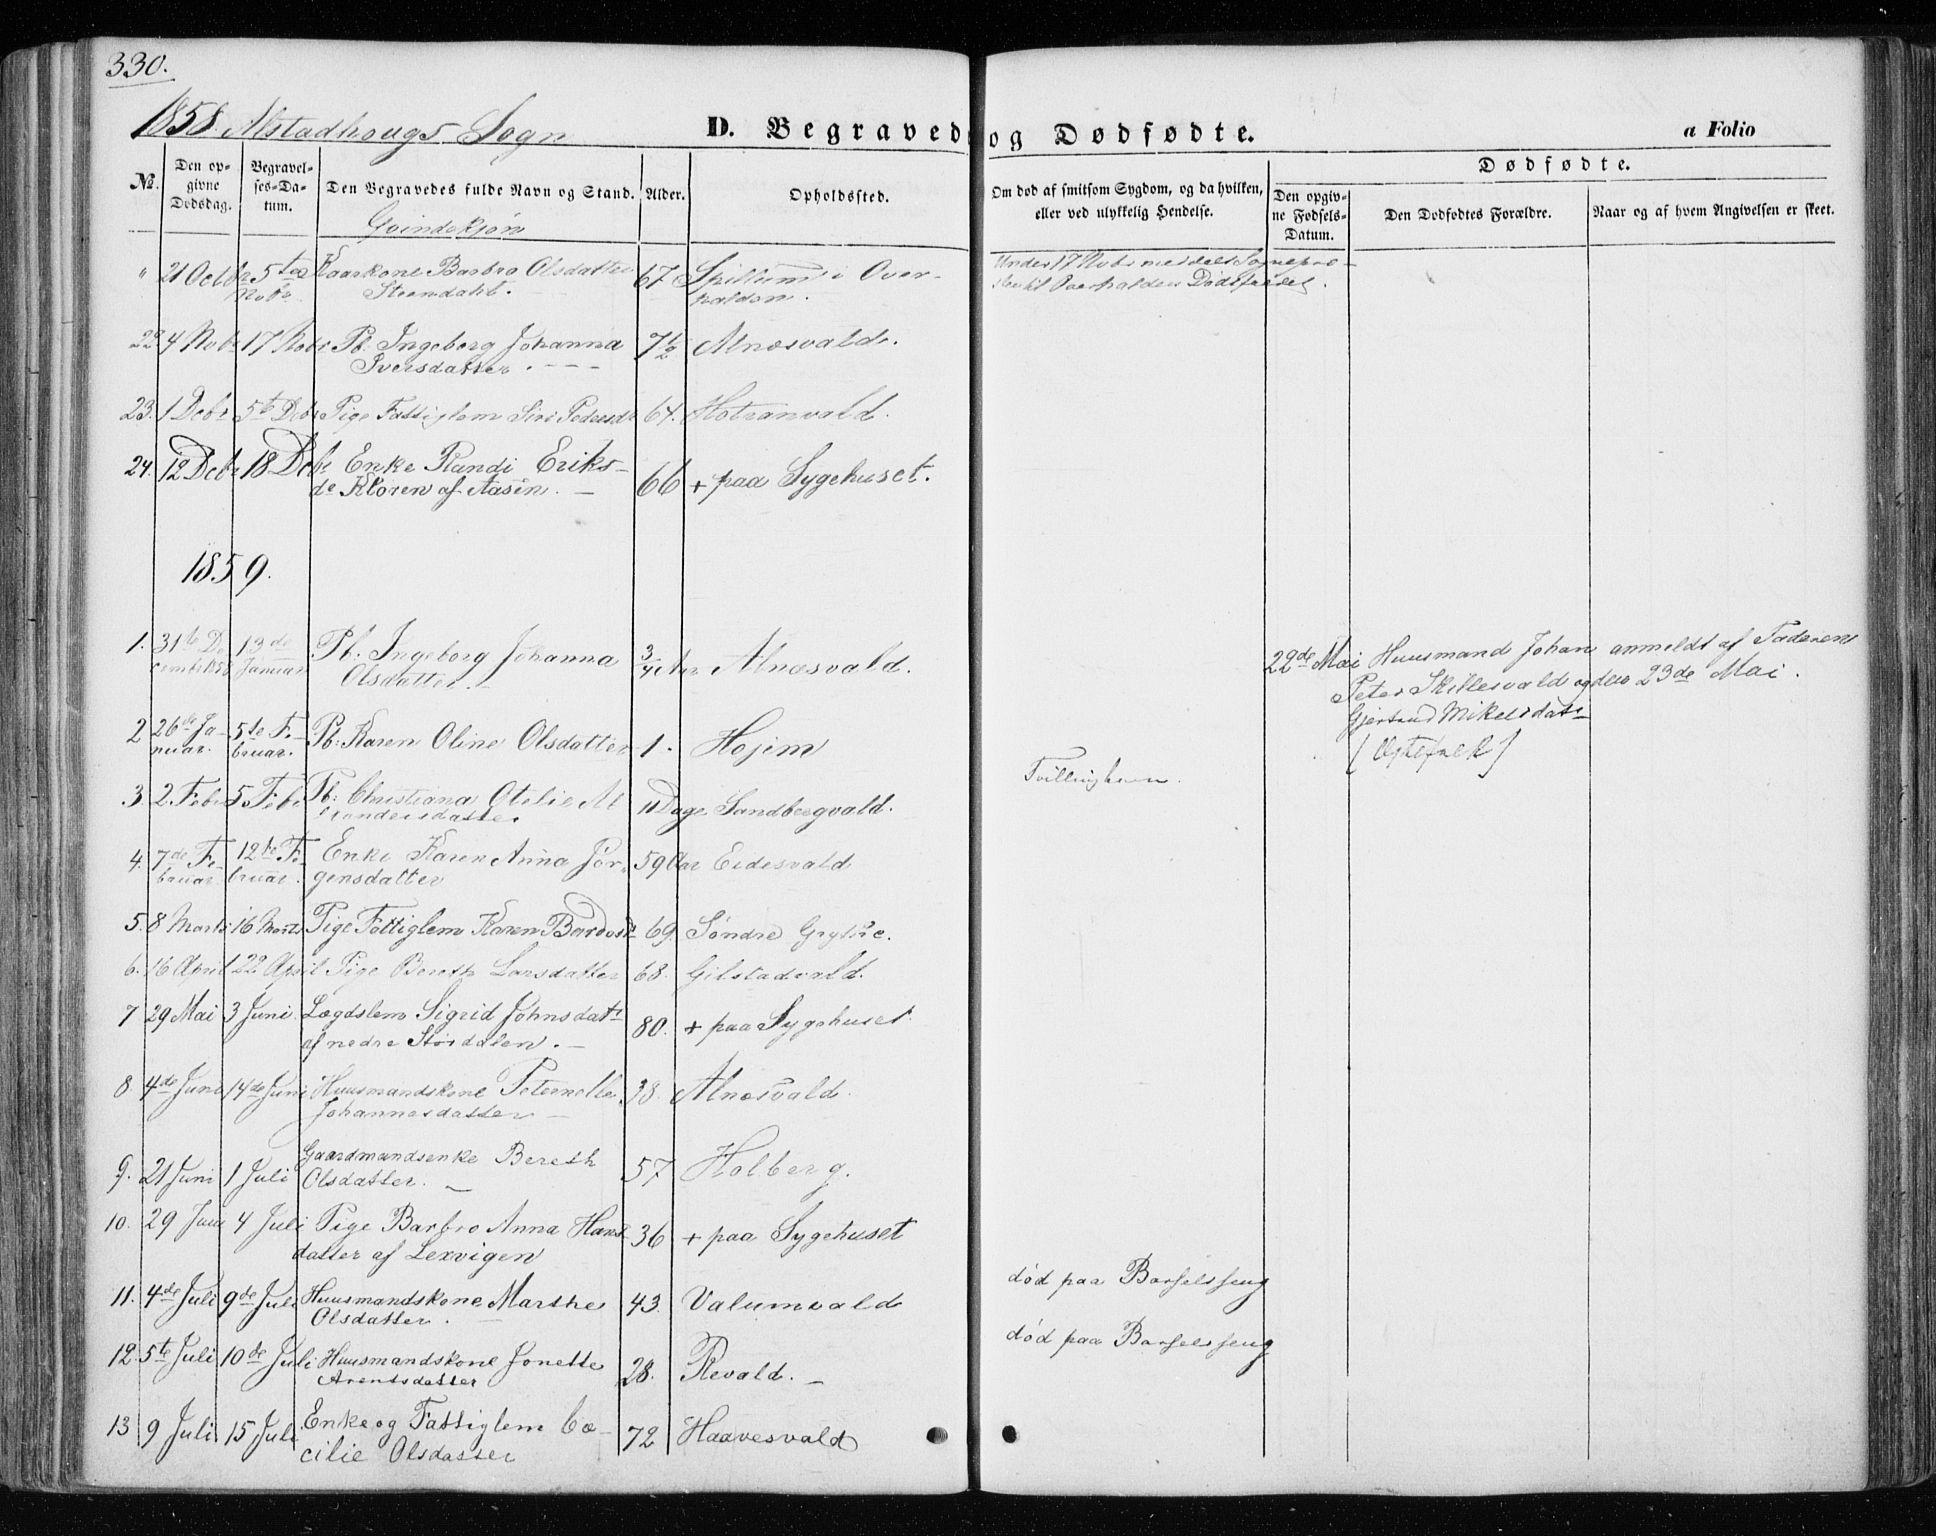 SAT, Ministerialprotokoller, klokkerbøker og fødselsregistre - Nord-Trøndelag, 717/L0154: Ministerialbok nr. 717A07 /1, 1850-1862, s. 330